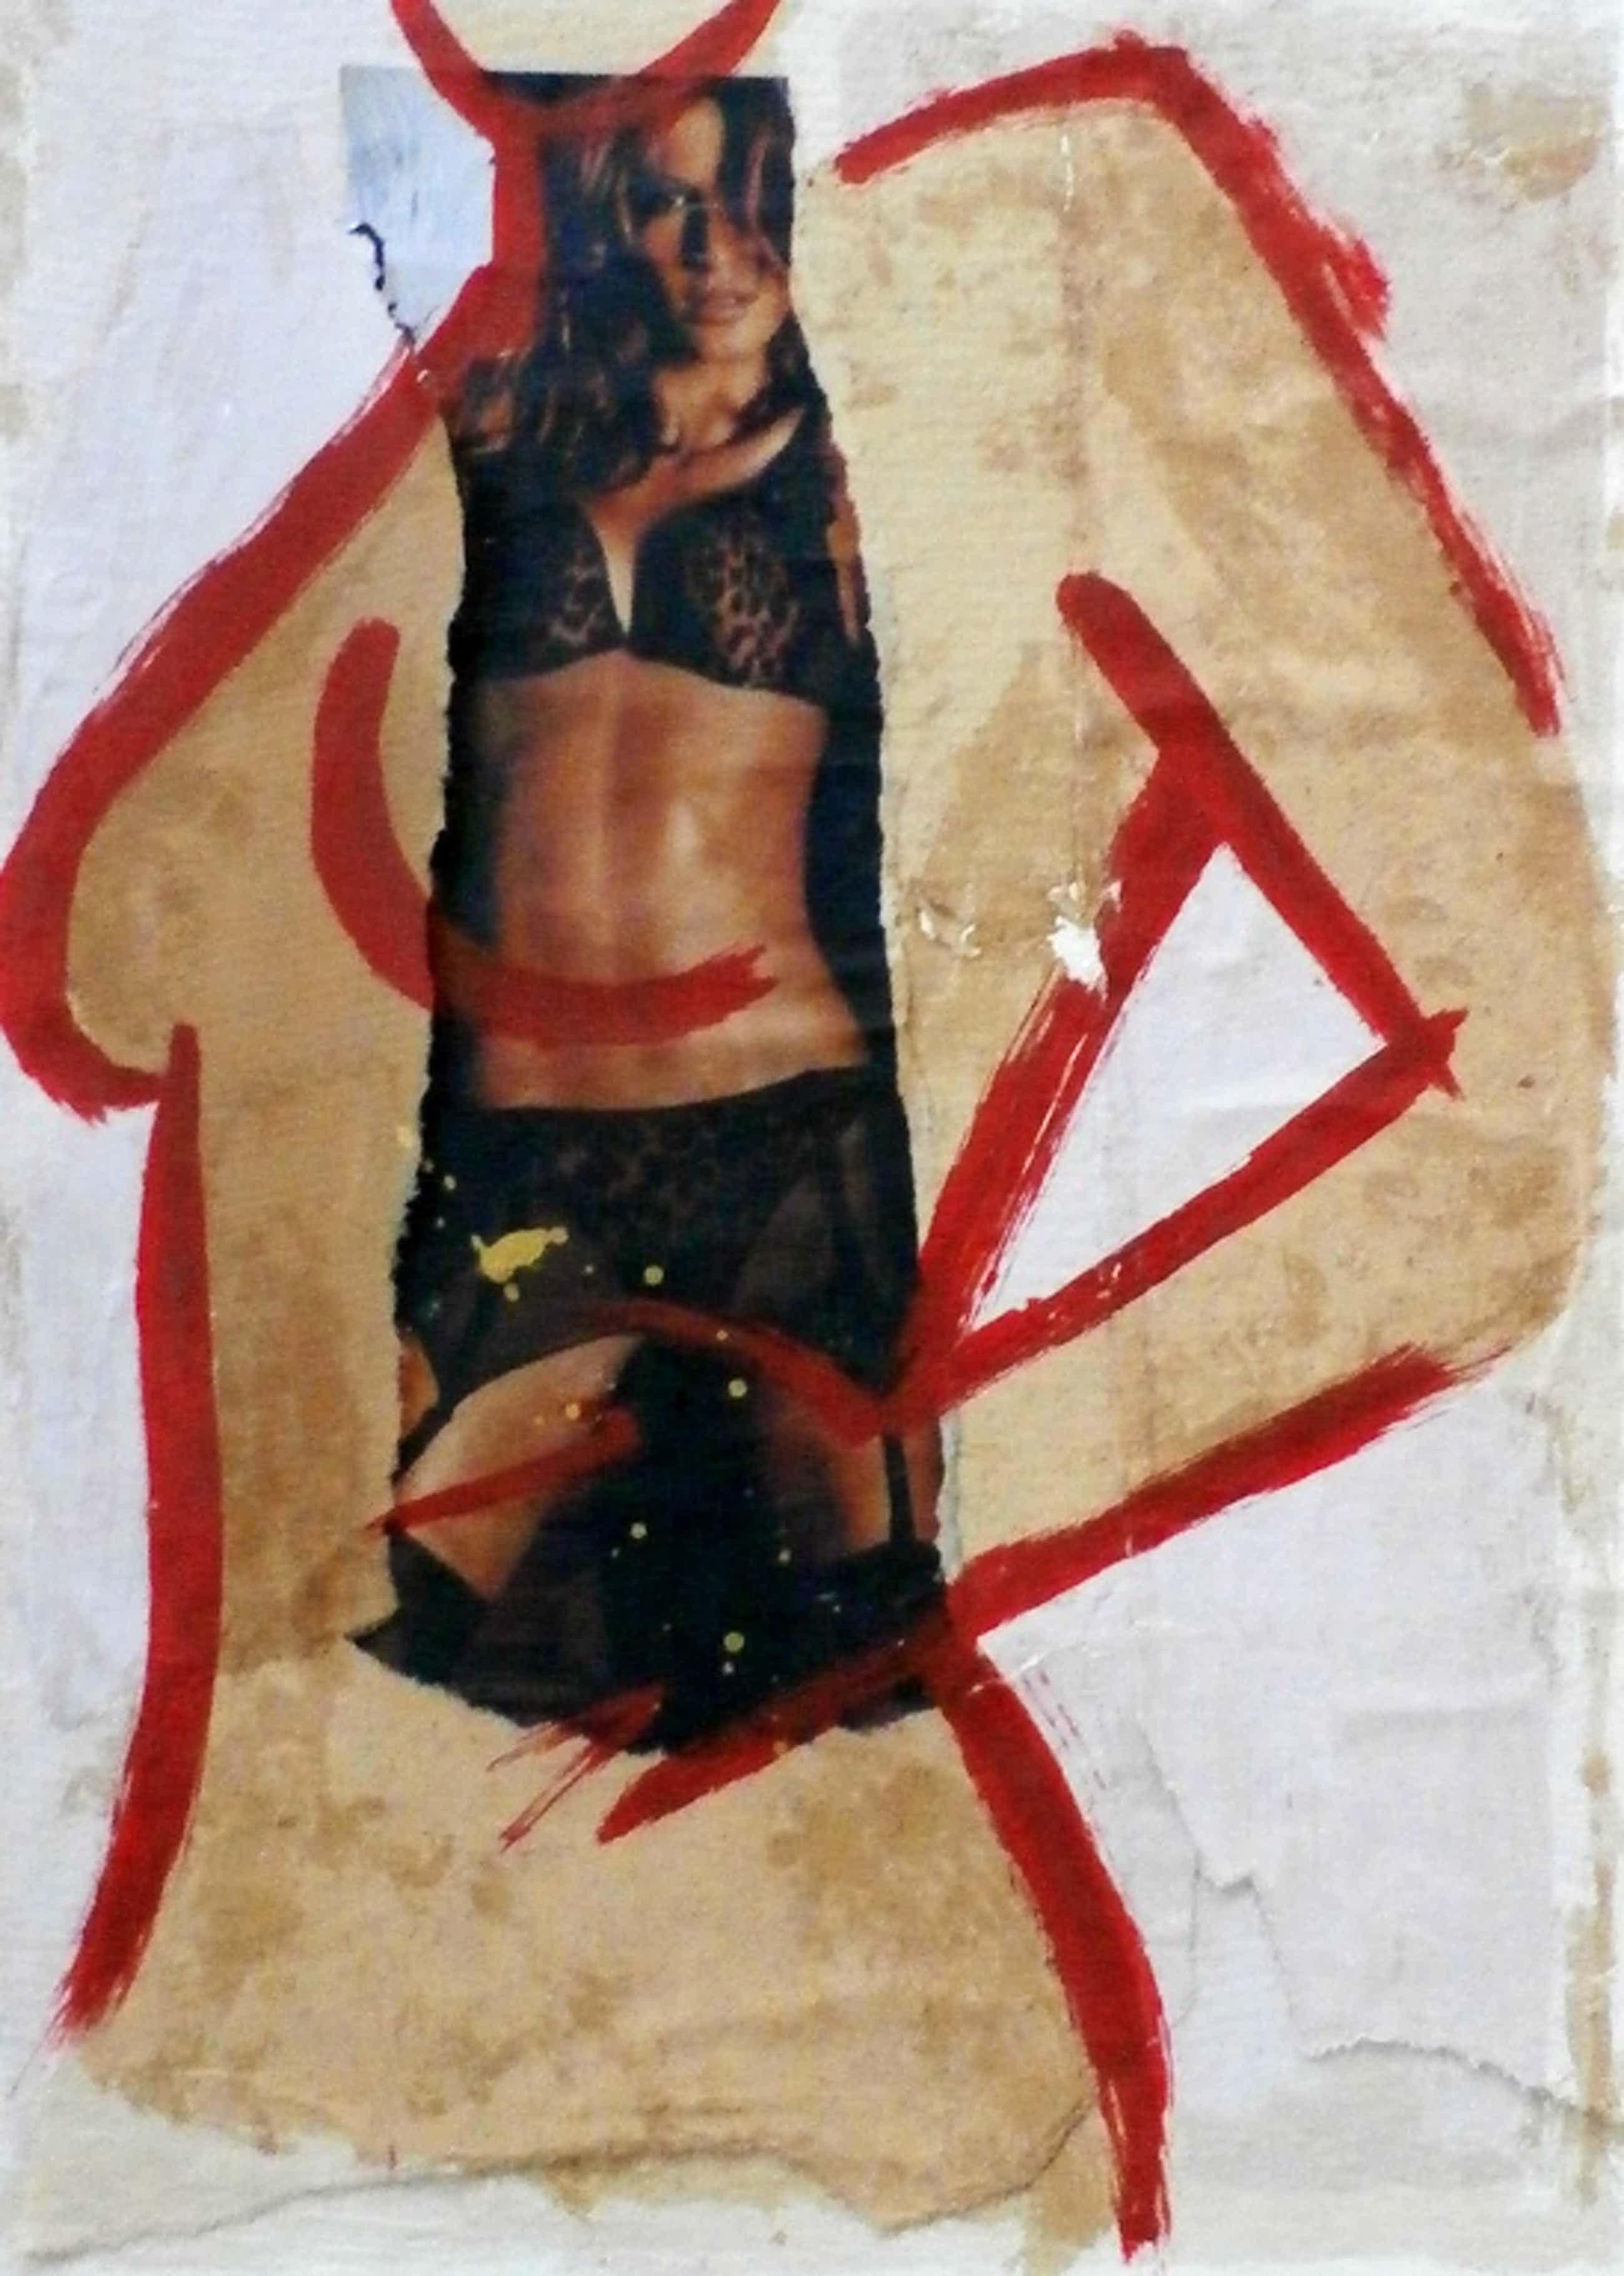 Casper Faassen - zeefdruk/collage - gesigneerd - 2003 kopen? Bied vanaf 225!